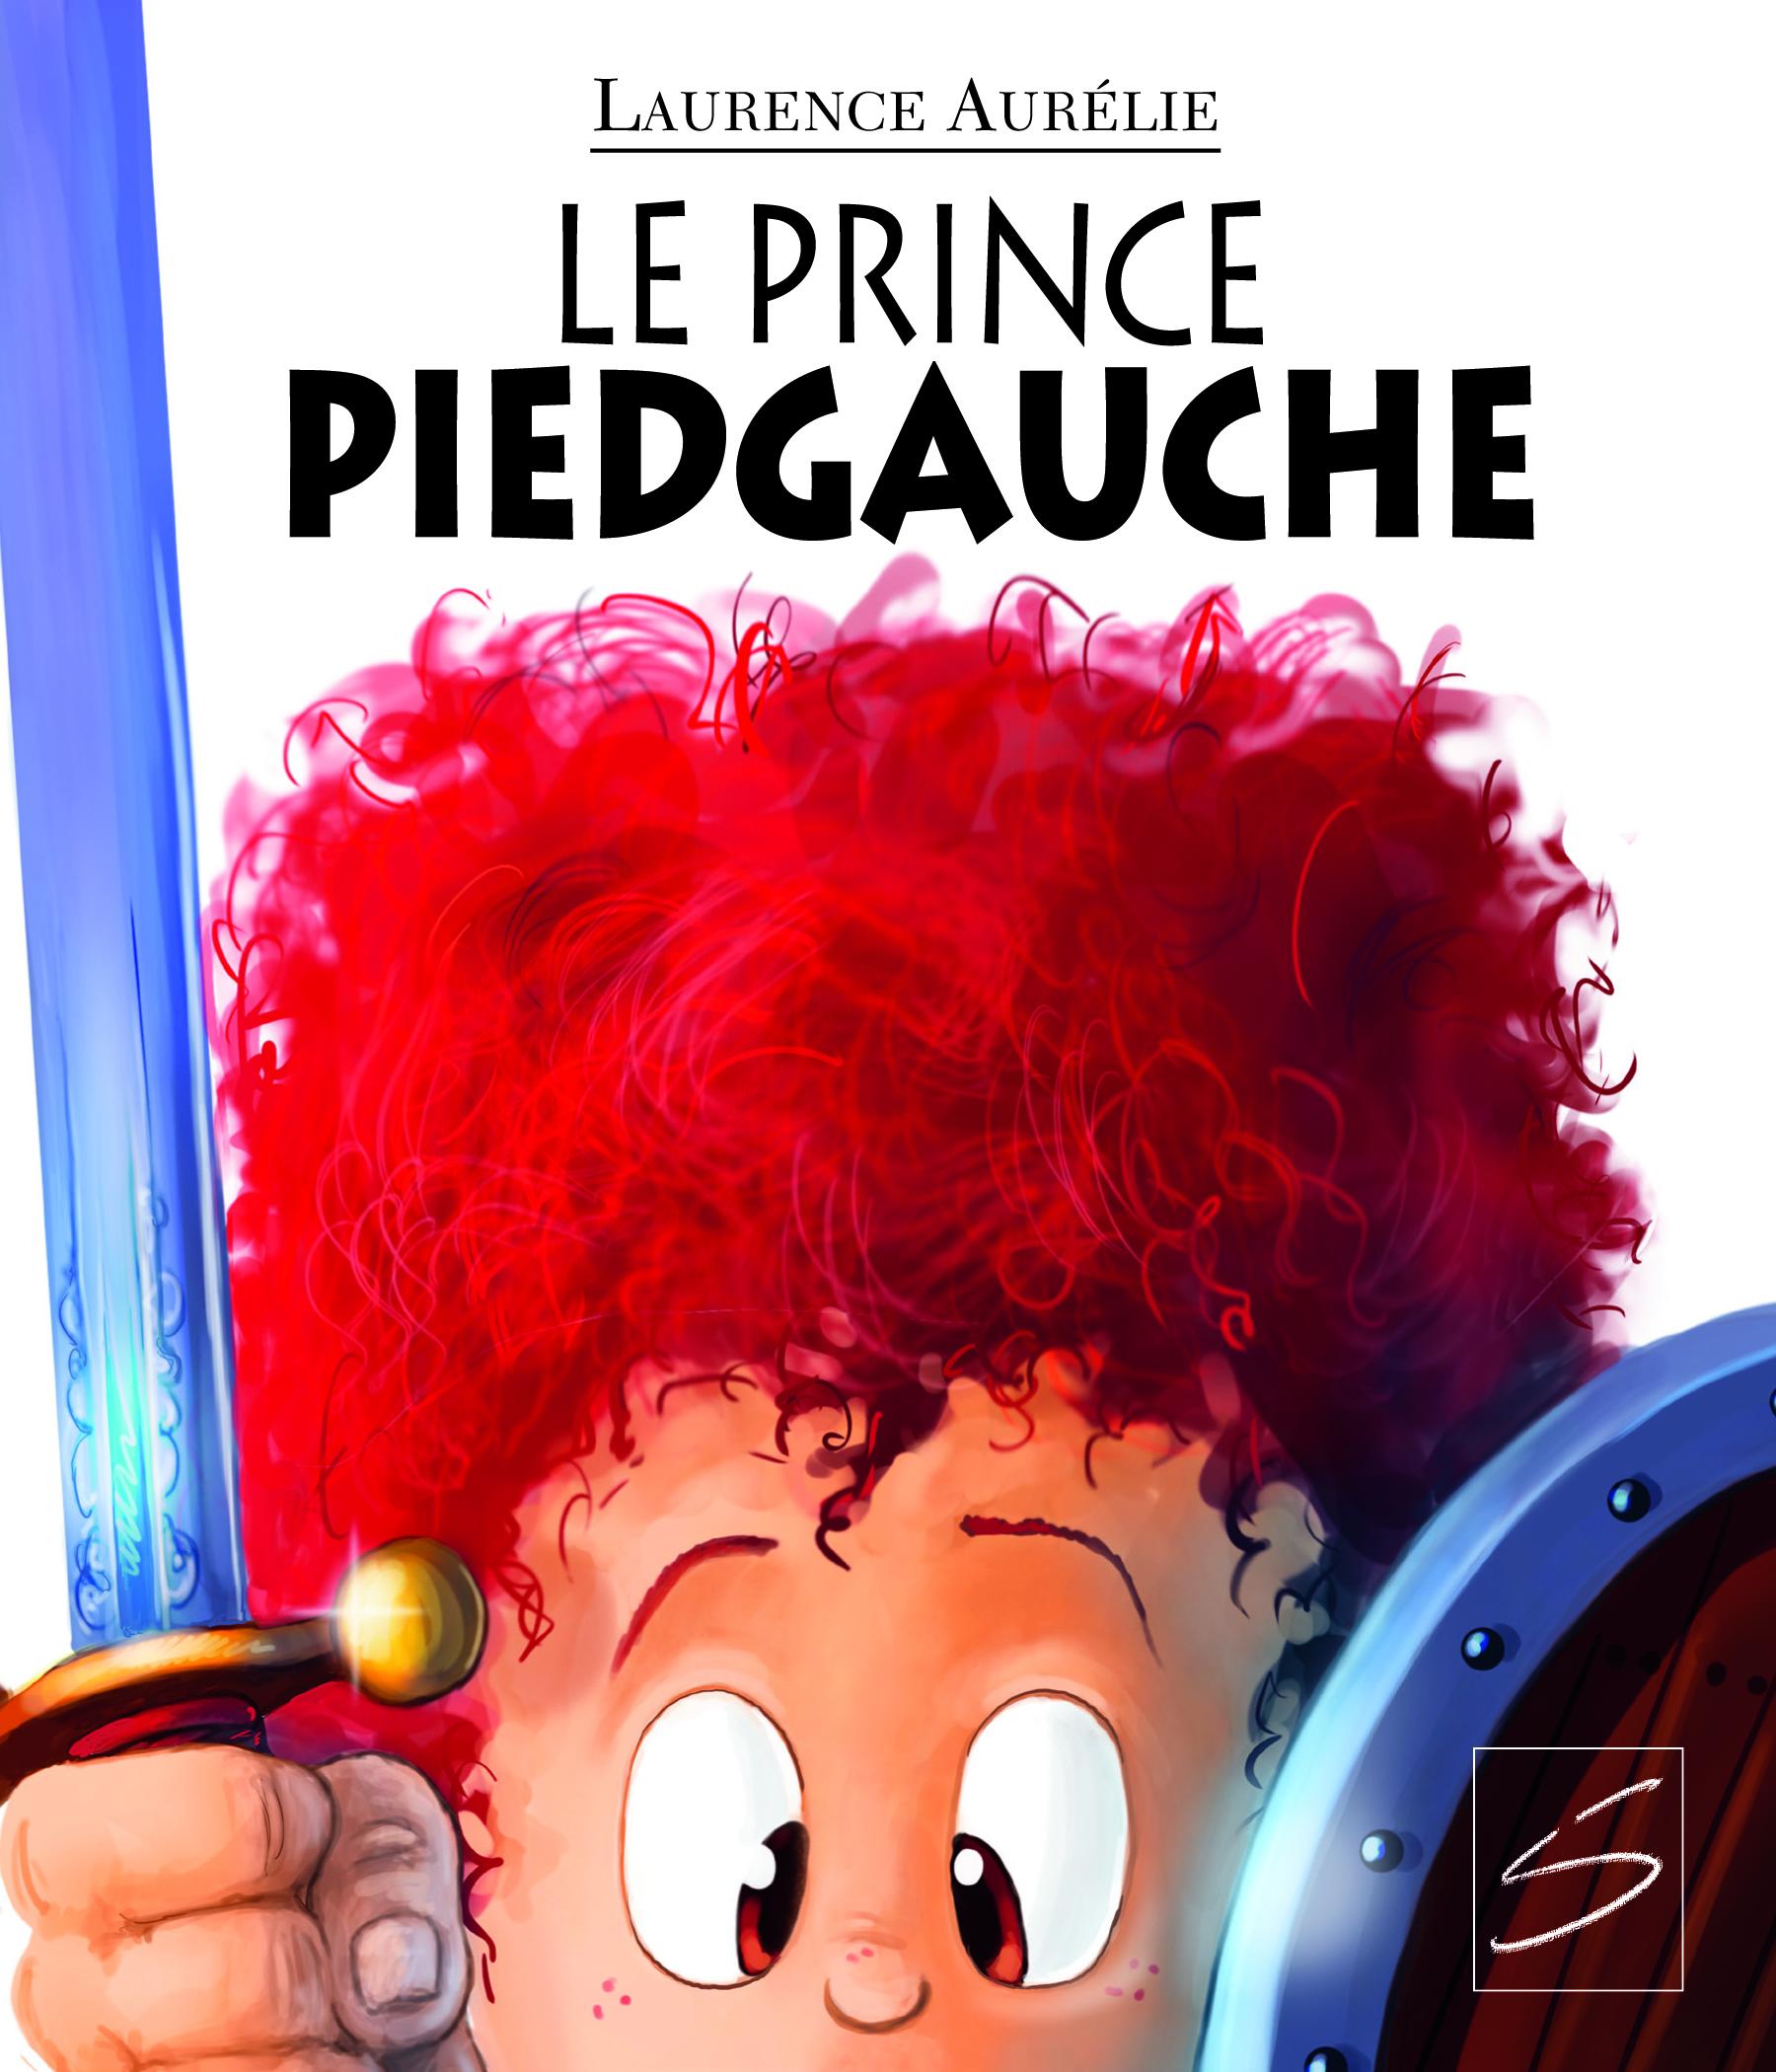 Le prince Piedgauche